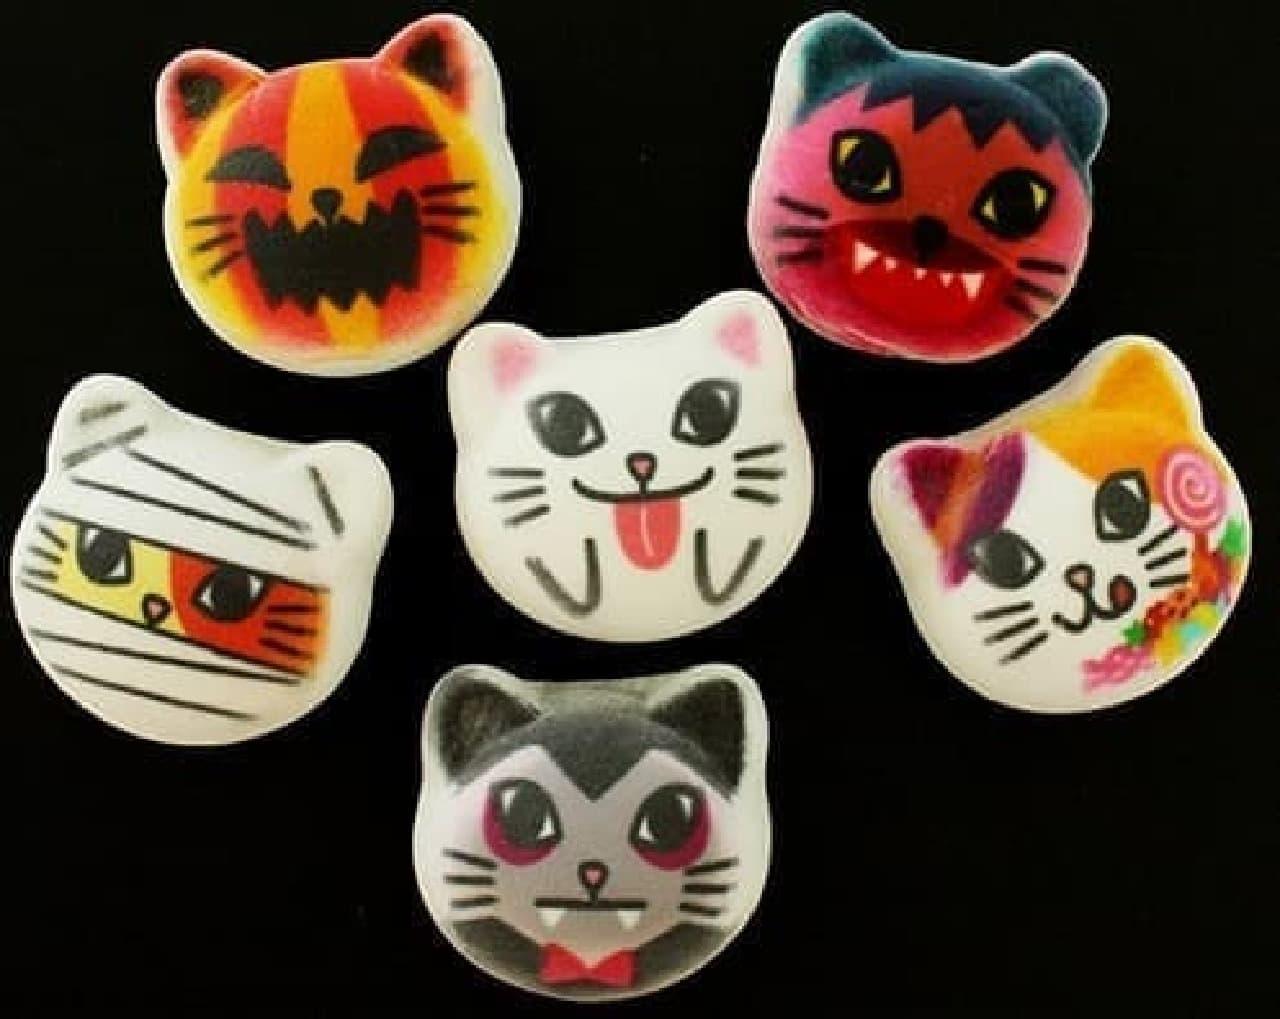 ネコがジャックオランタンやミイラに扮した「ハロウィーンニャシュマロ6個入り」